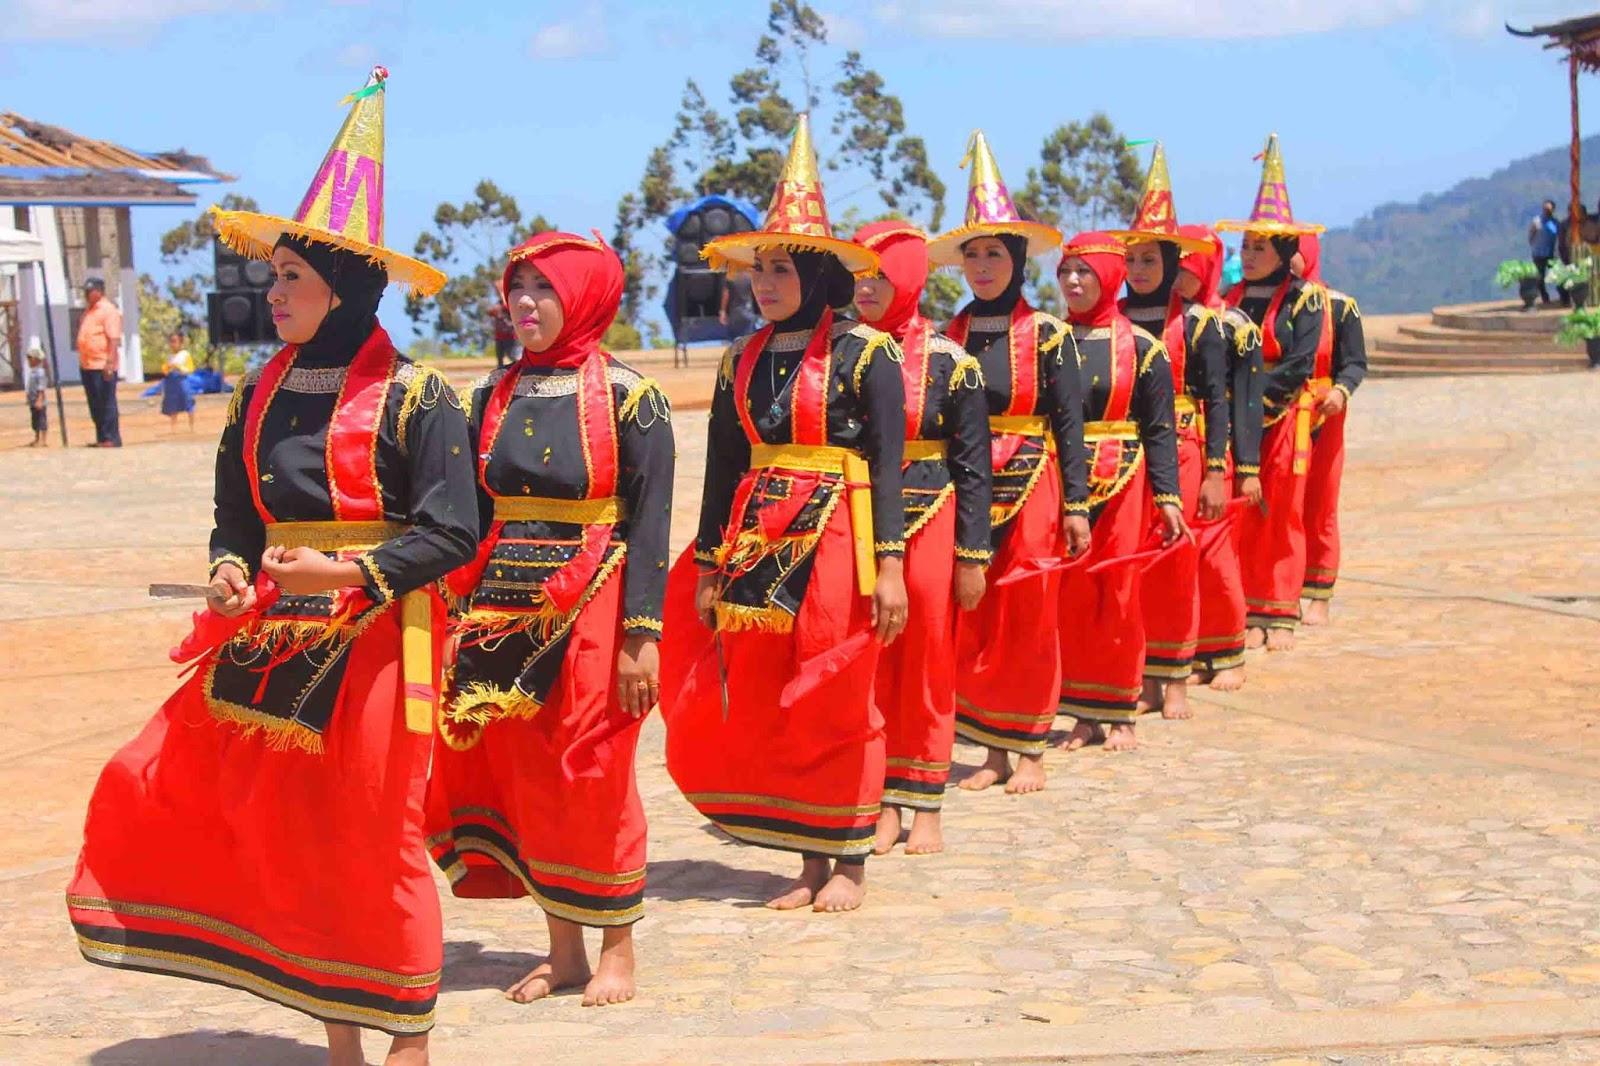 Tari Lumense, Tari Tradisional Dari Suku Moronene Sulawesi Tenggara